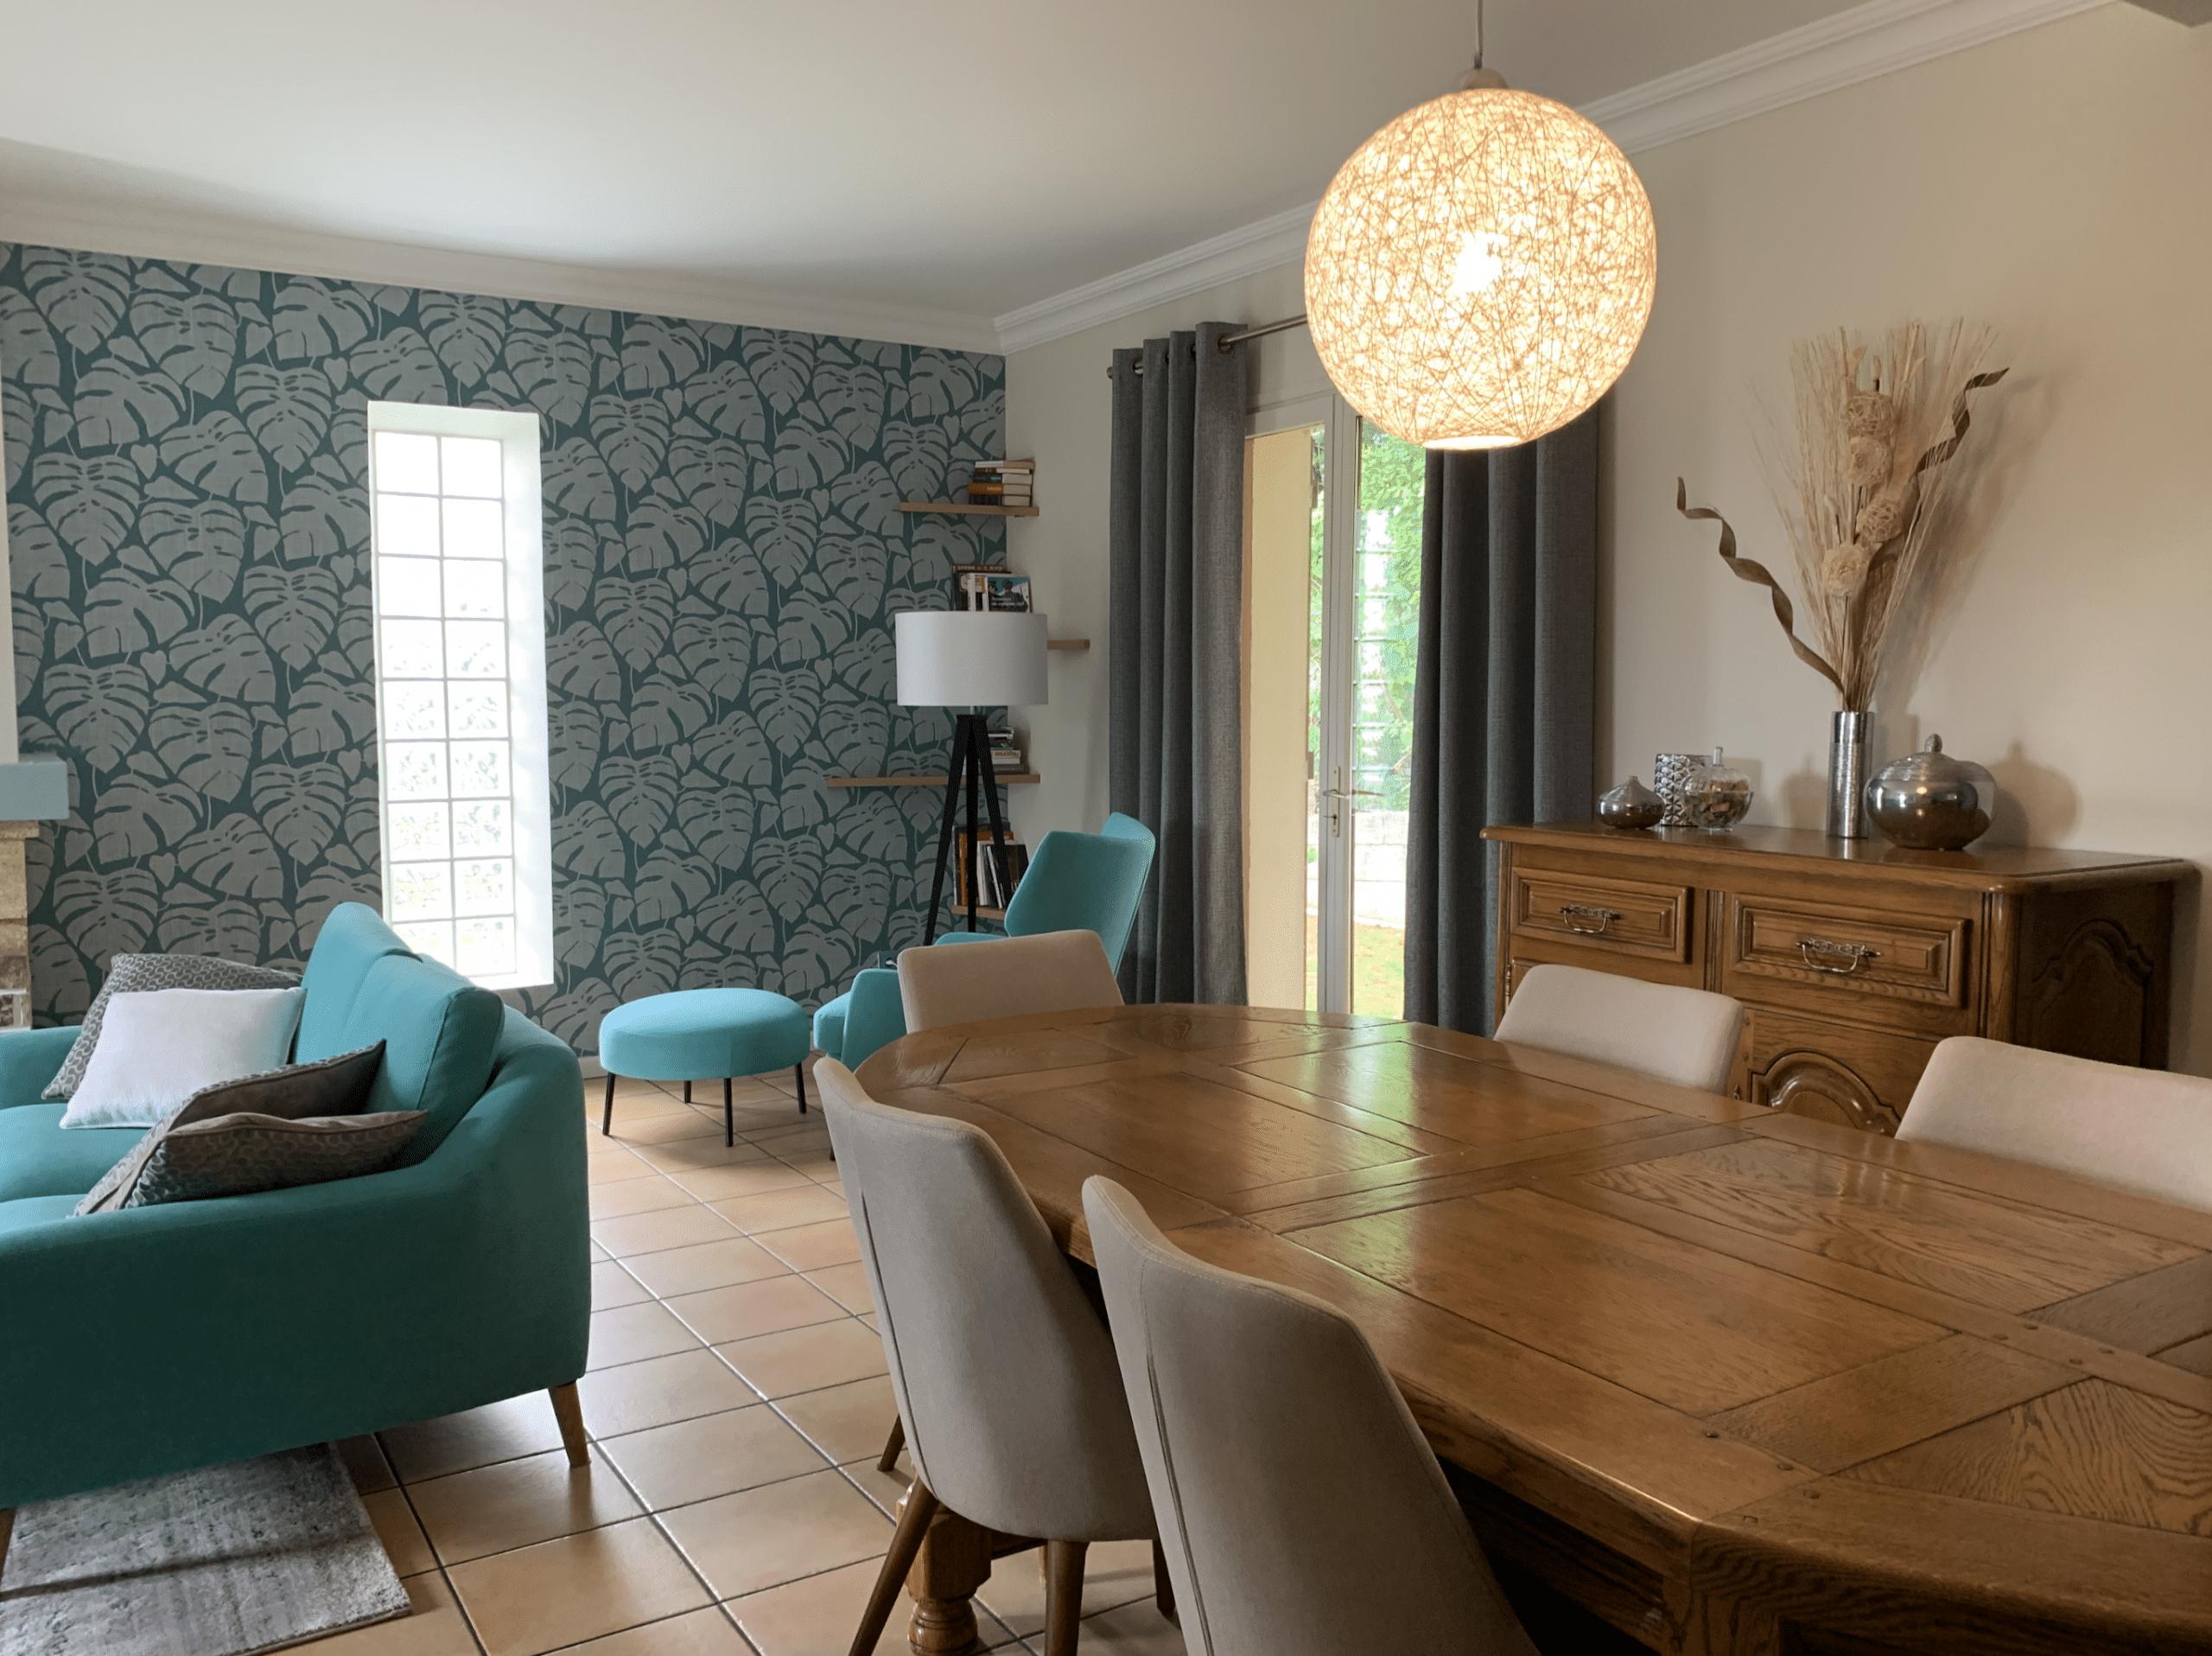 suspension boule, mobilier merisier et déco contemporaine, papier peint tropical, turquoise, canapé bleu, tapis Zuiver, chaises, table massive,